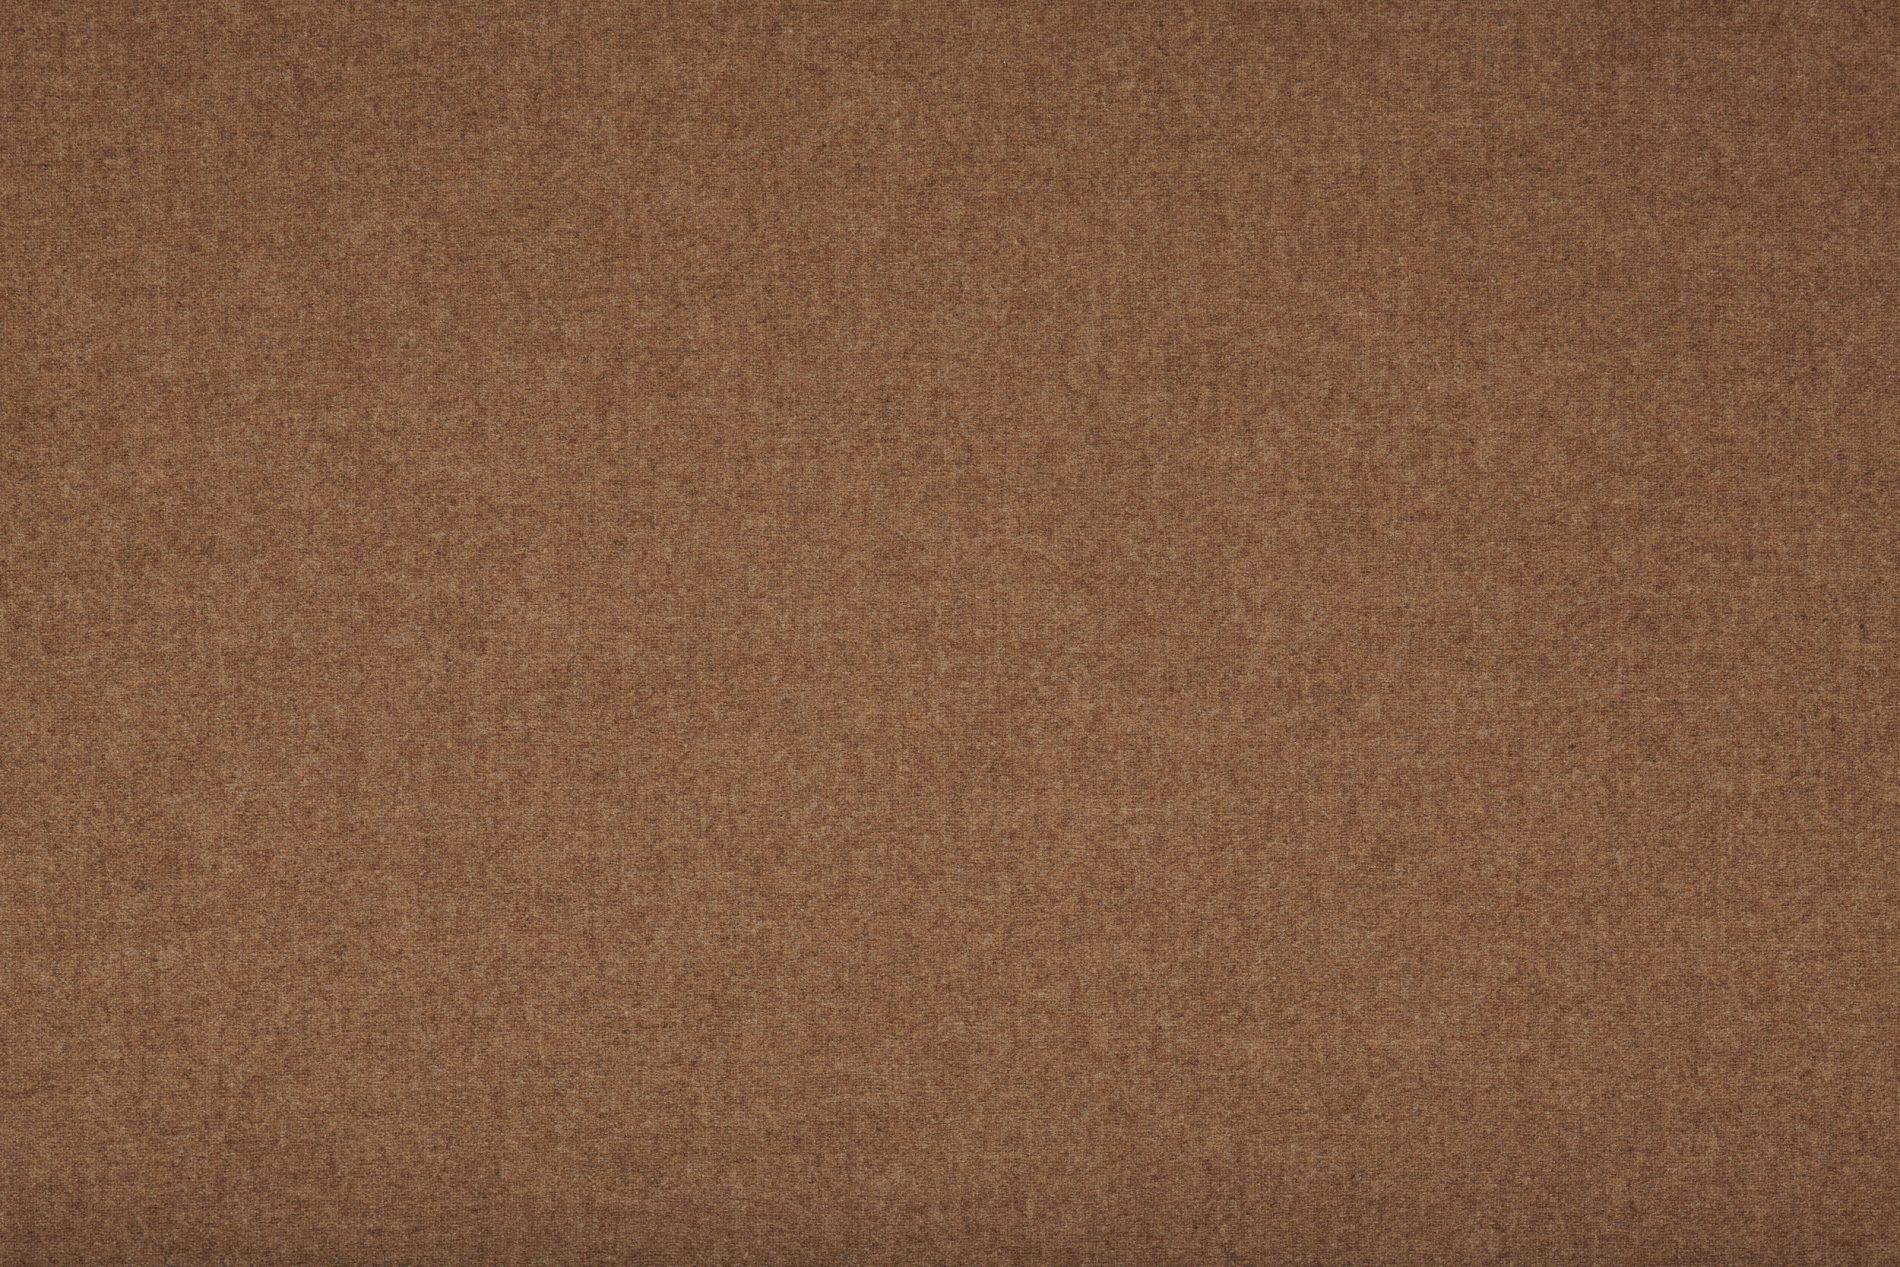 PURE 540 Merinotuch (16/5064)